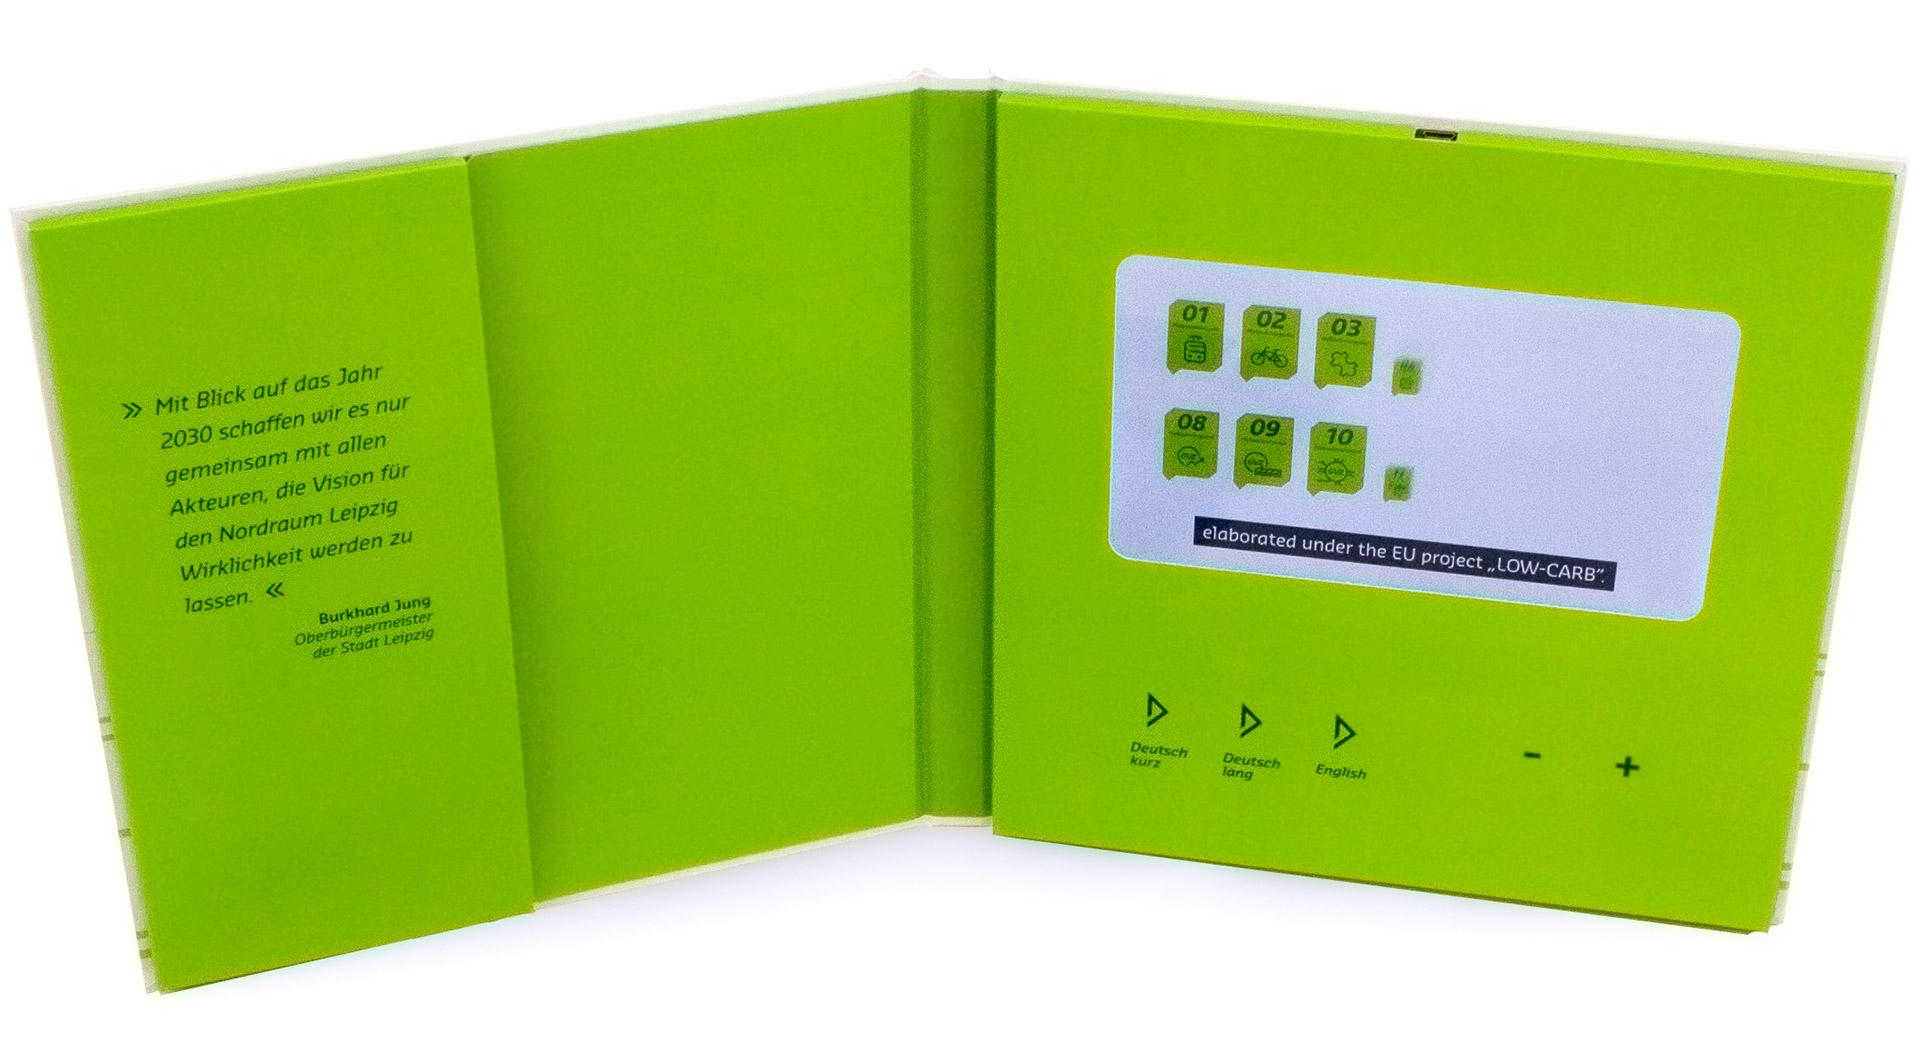 Zusammenstellung der Videokartonage und der Broschüre